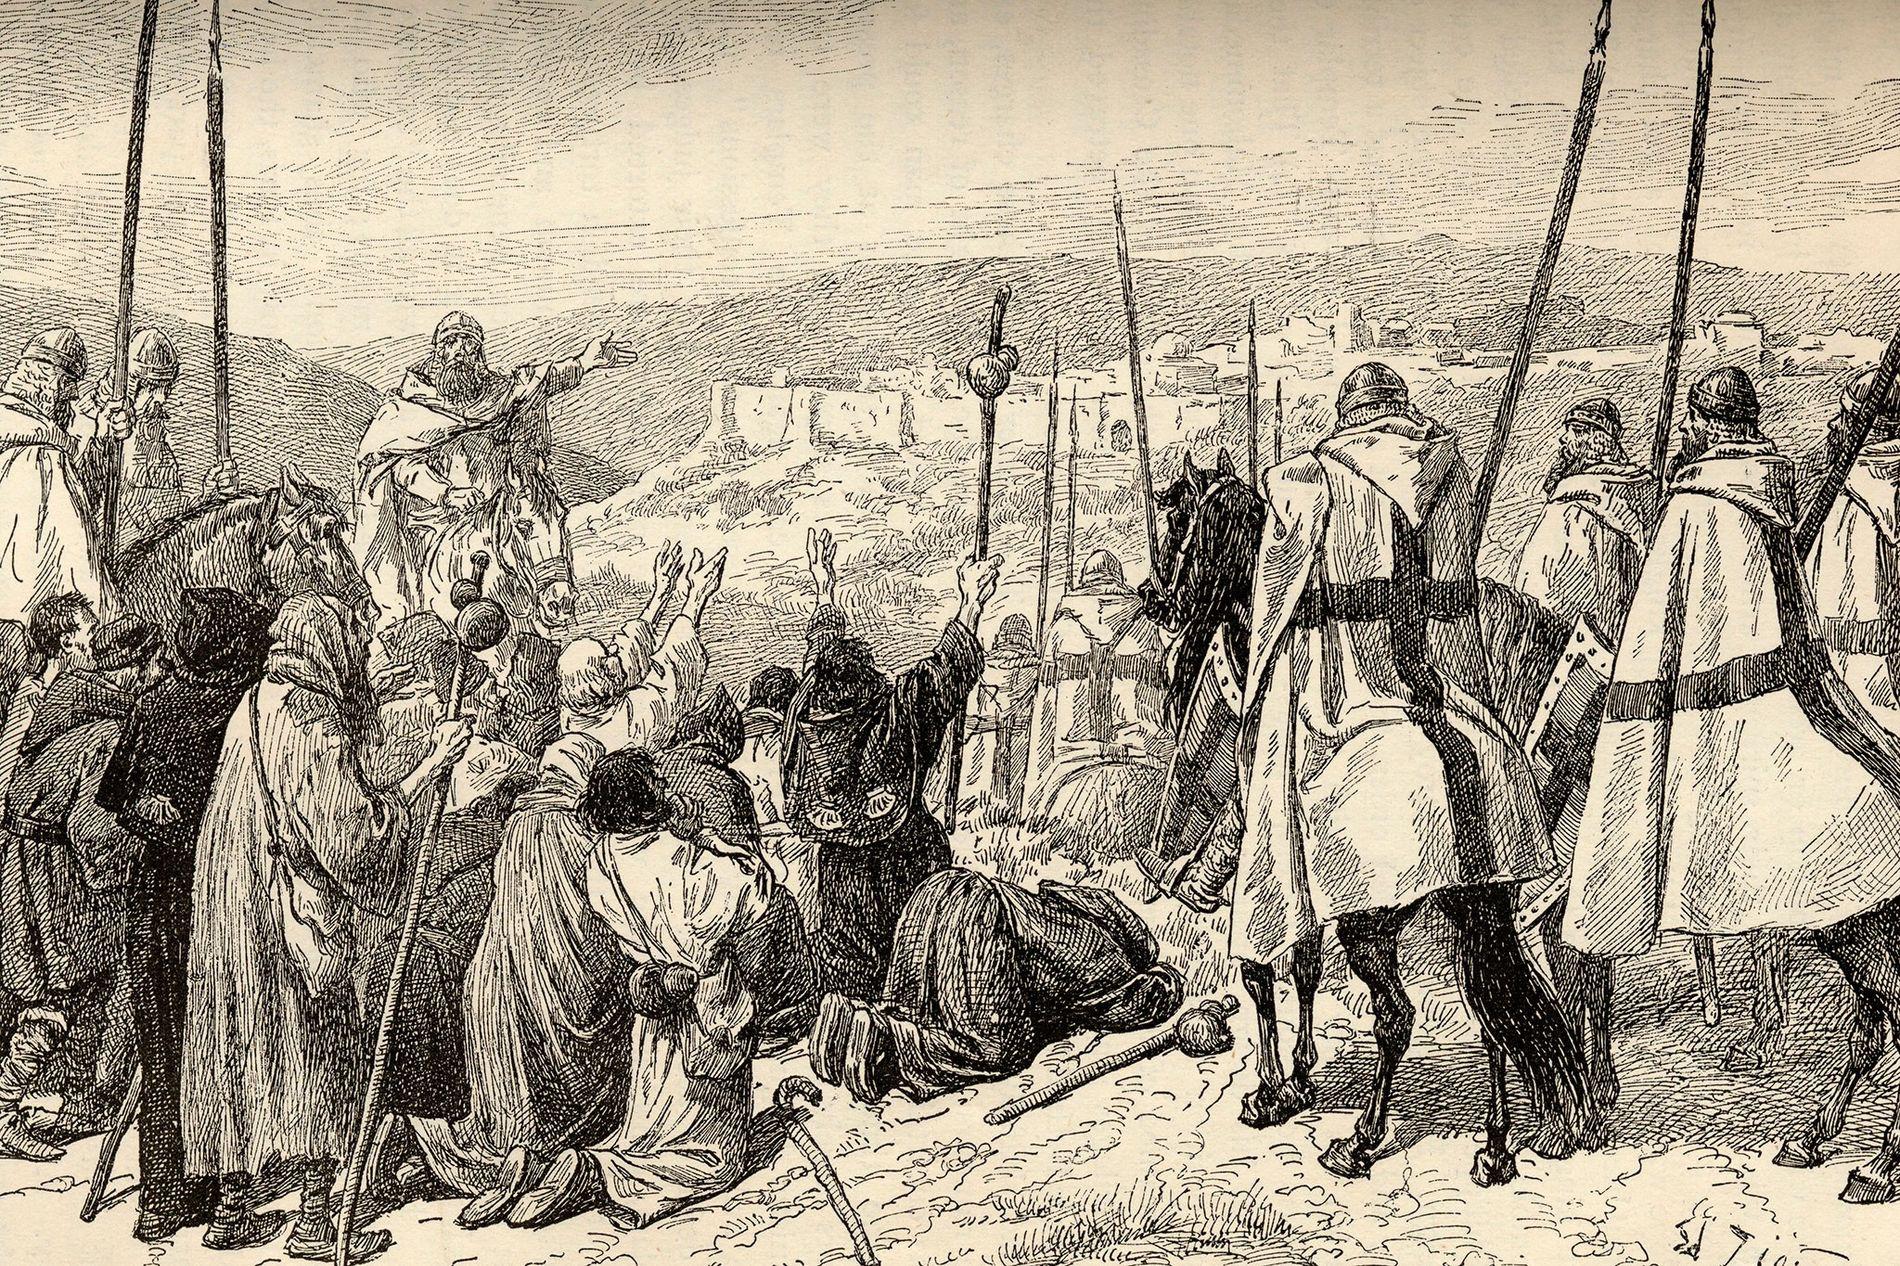 Tempelritter eskortieren während der Kreuzzüge Pilger auf den gefährlichen Straßen im Umkreis von Jerusalem.